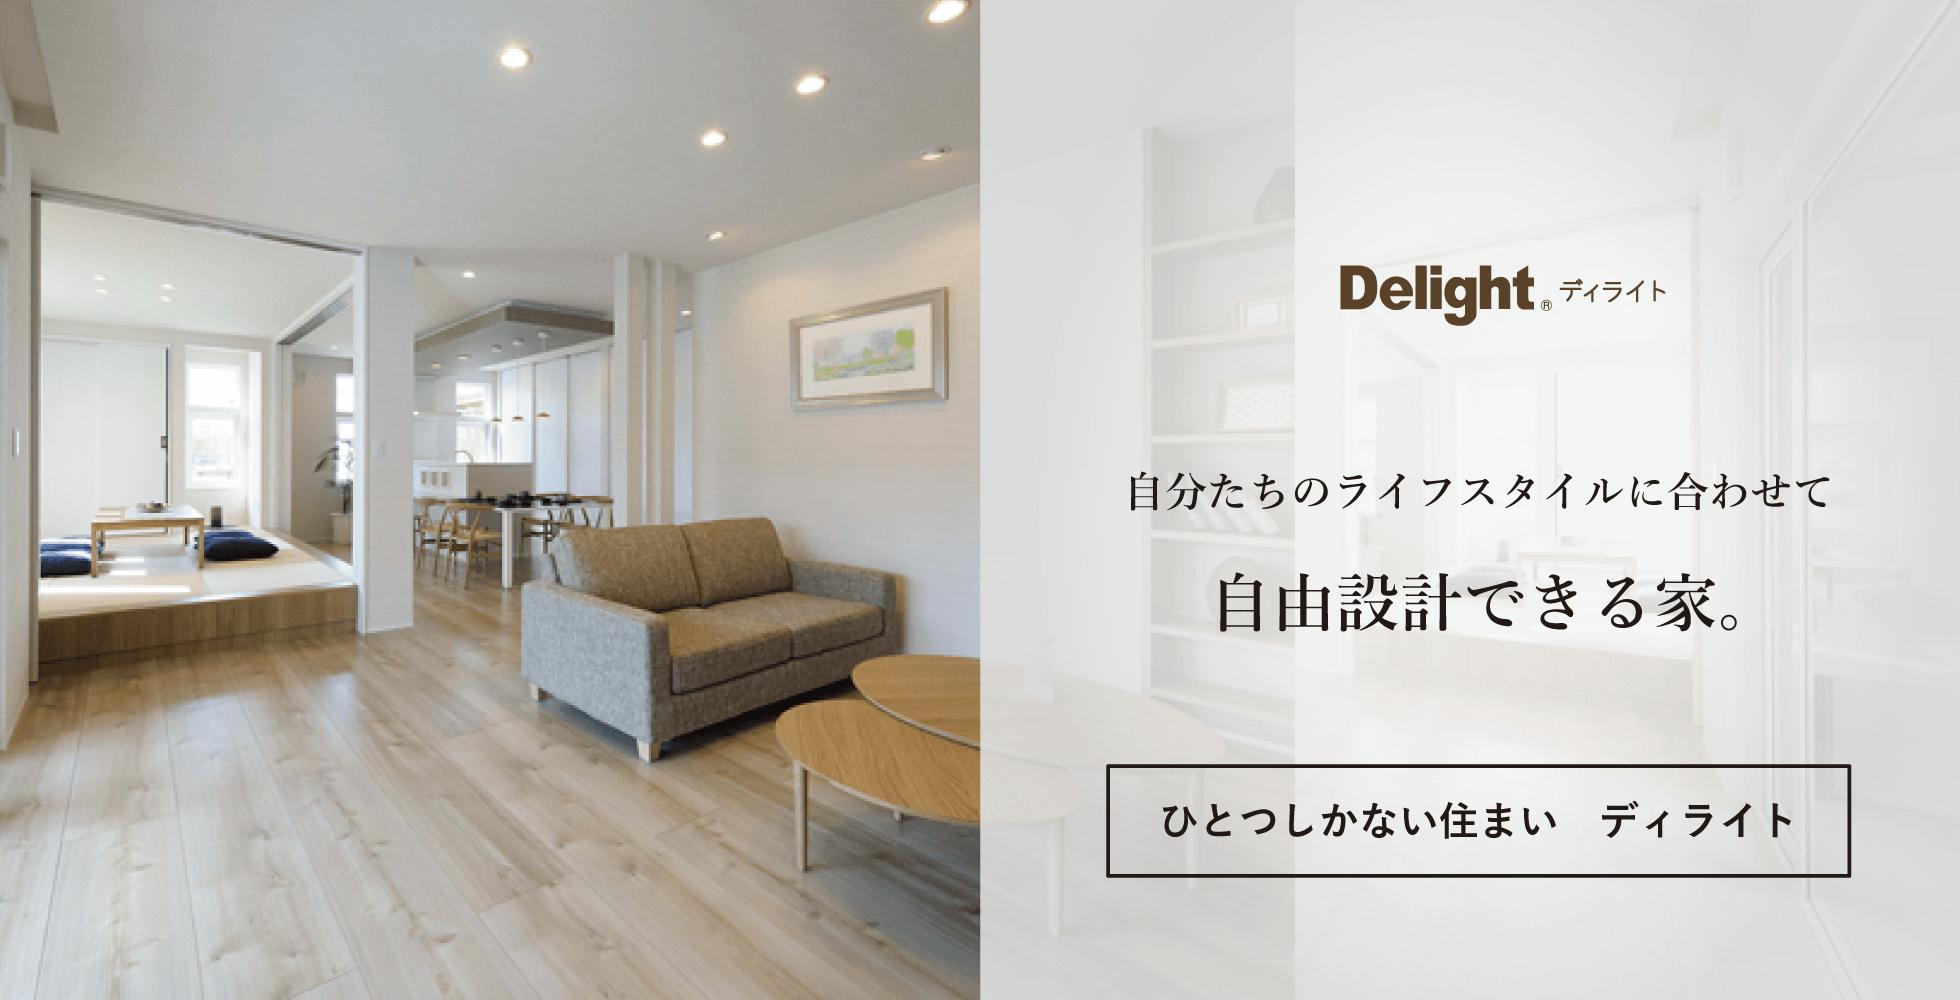 自分たちのライフスタイルに合わせて自由設計できる家。ひとつしかない住まい ディライト